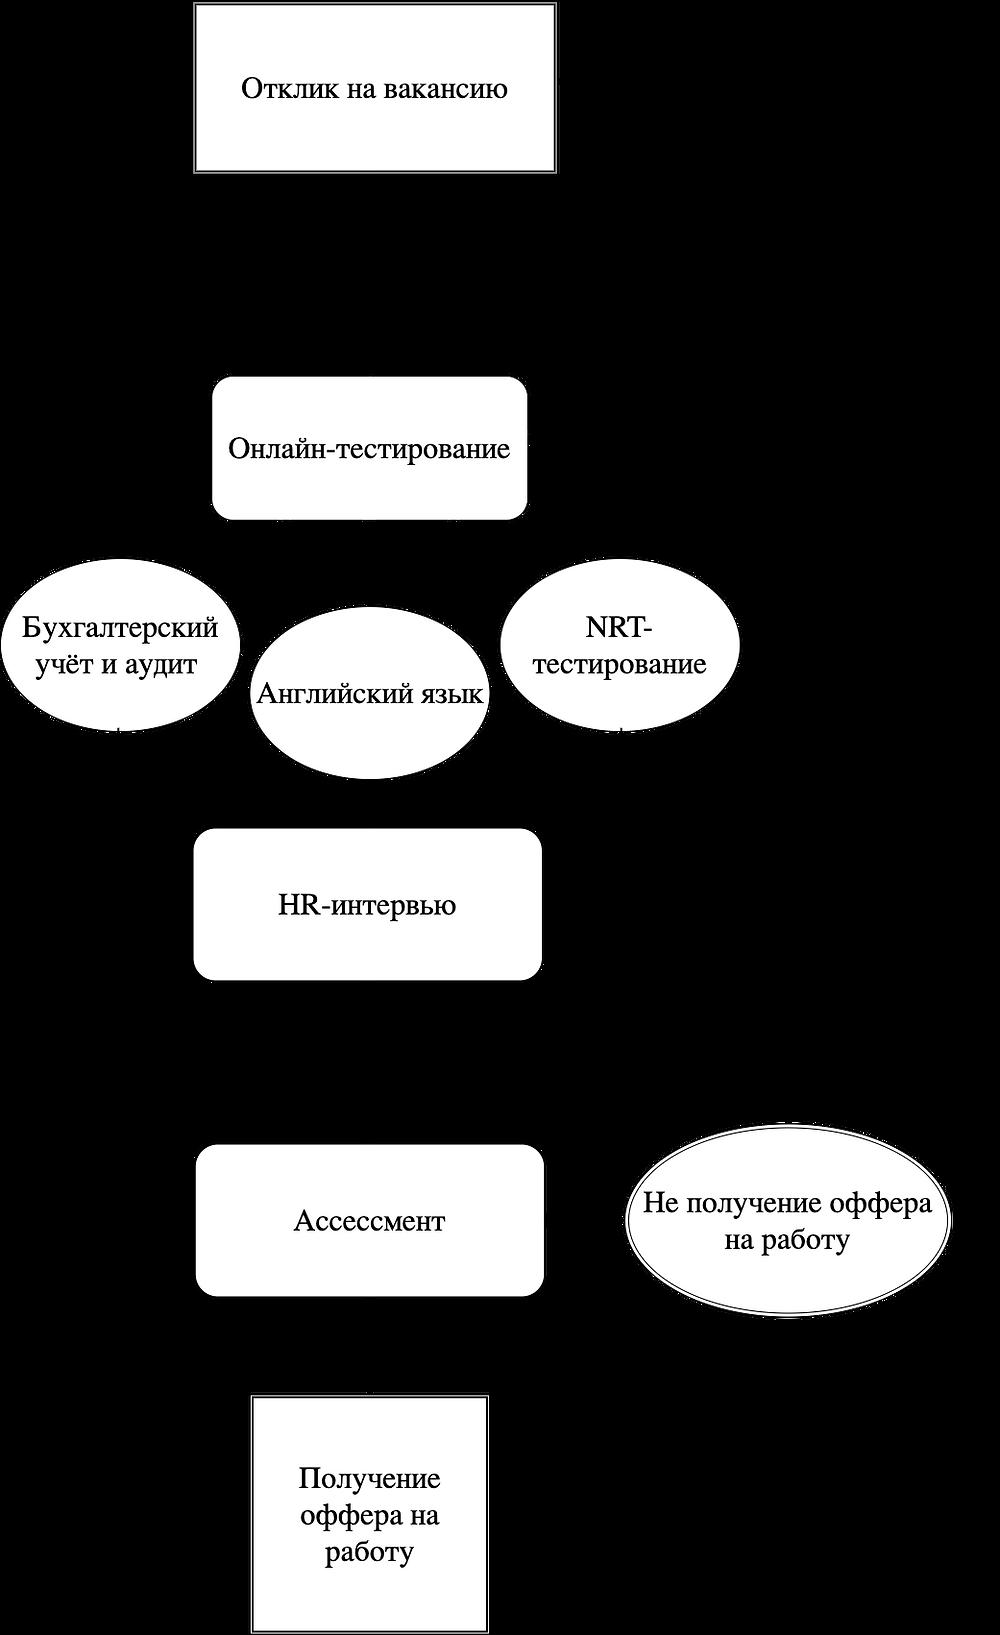 Схематическое представление этапов отбора в департамент аудита компаний «большой четвёрки»